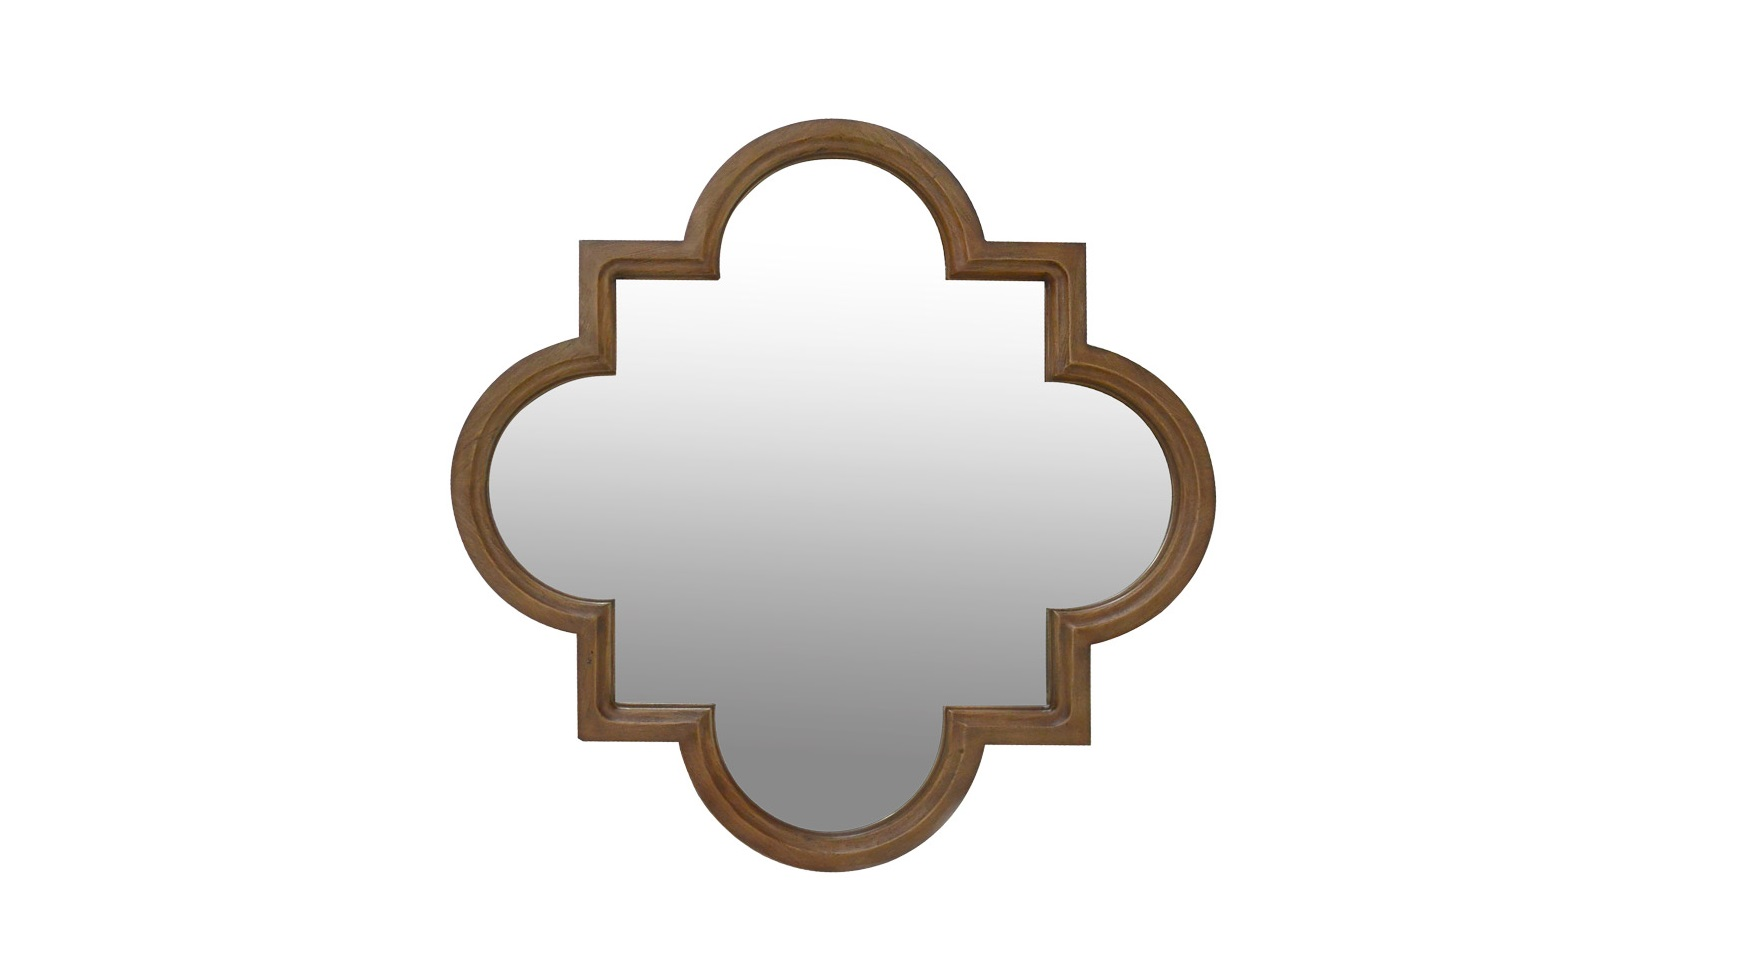 Зеркало Fez MirrorНастенные зеркала<br>&amp;quot;Fez Mirror&amp;quot; ? оригинальное зеркало, главной изюминкой которого выступает рама. Она выполнена в форме популярного византийского орнамента, известного как четырехлистник или квадрифоль. Пропорции, созданные на основе сочетания квадрата и круга выглядят контрастно, но гармонично. Благодаря сдержанной отделке противоречивый силуэт смотрится простым и романтичным. Он подходит для многих стилей ? от шебби-шика и прованса, до элегантного французского дизайна.<br><br>Material: Дерево<br>Width см: 110<br>Depth см: 5<br>Height см: 110